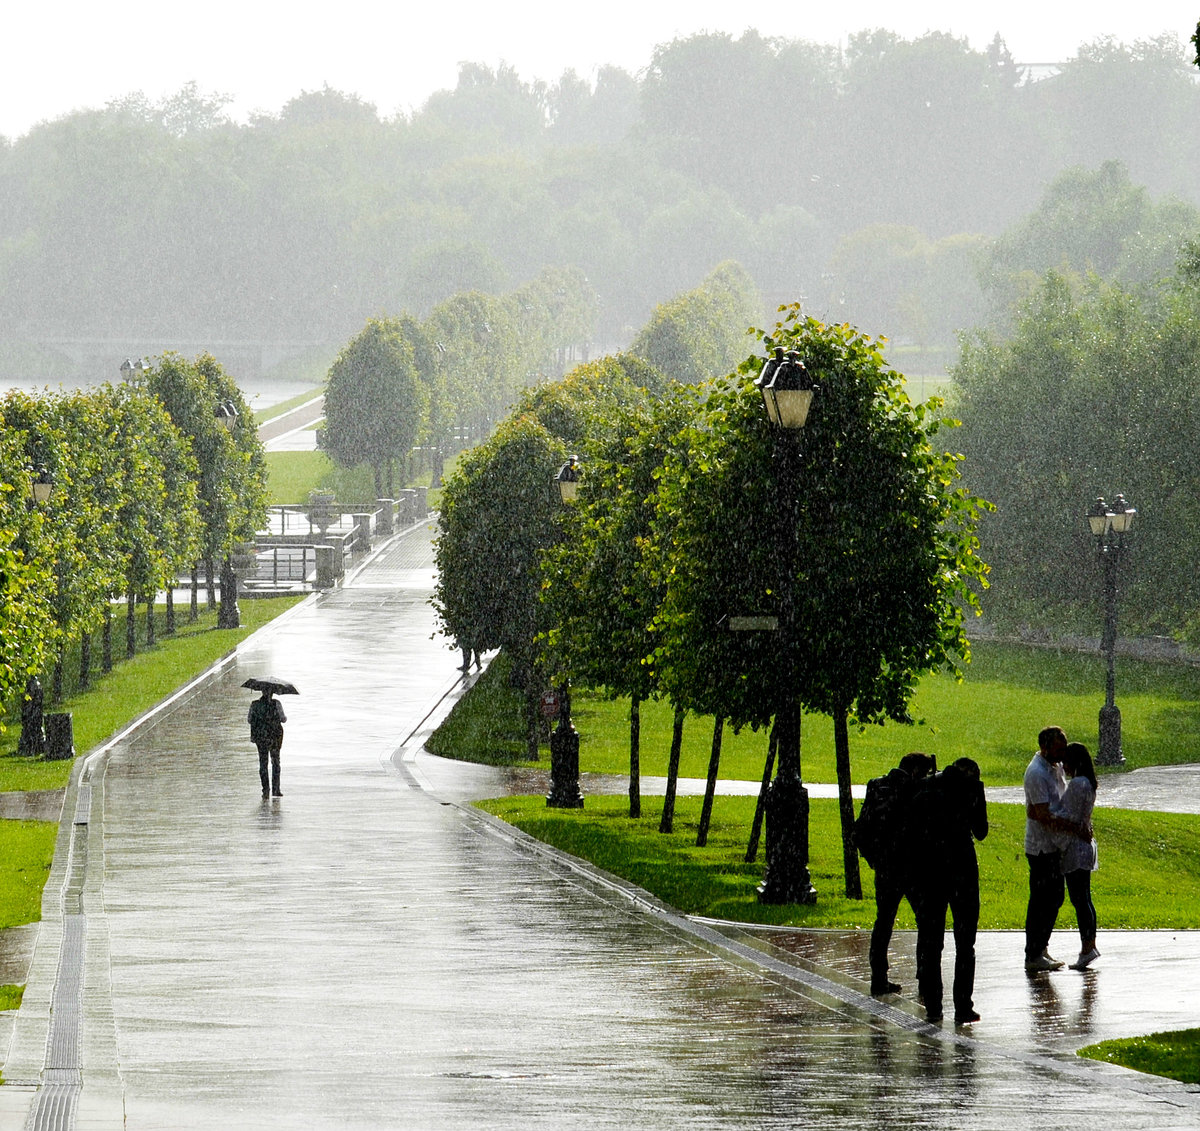 внешнему картинка дождя в парке хорошо, что